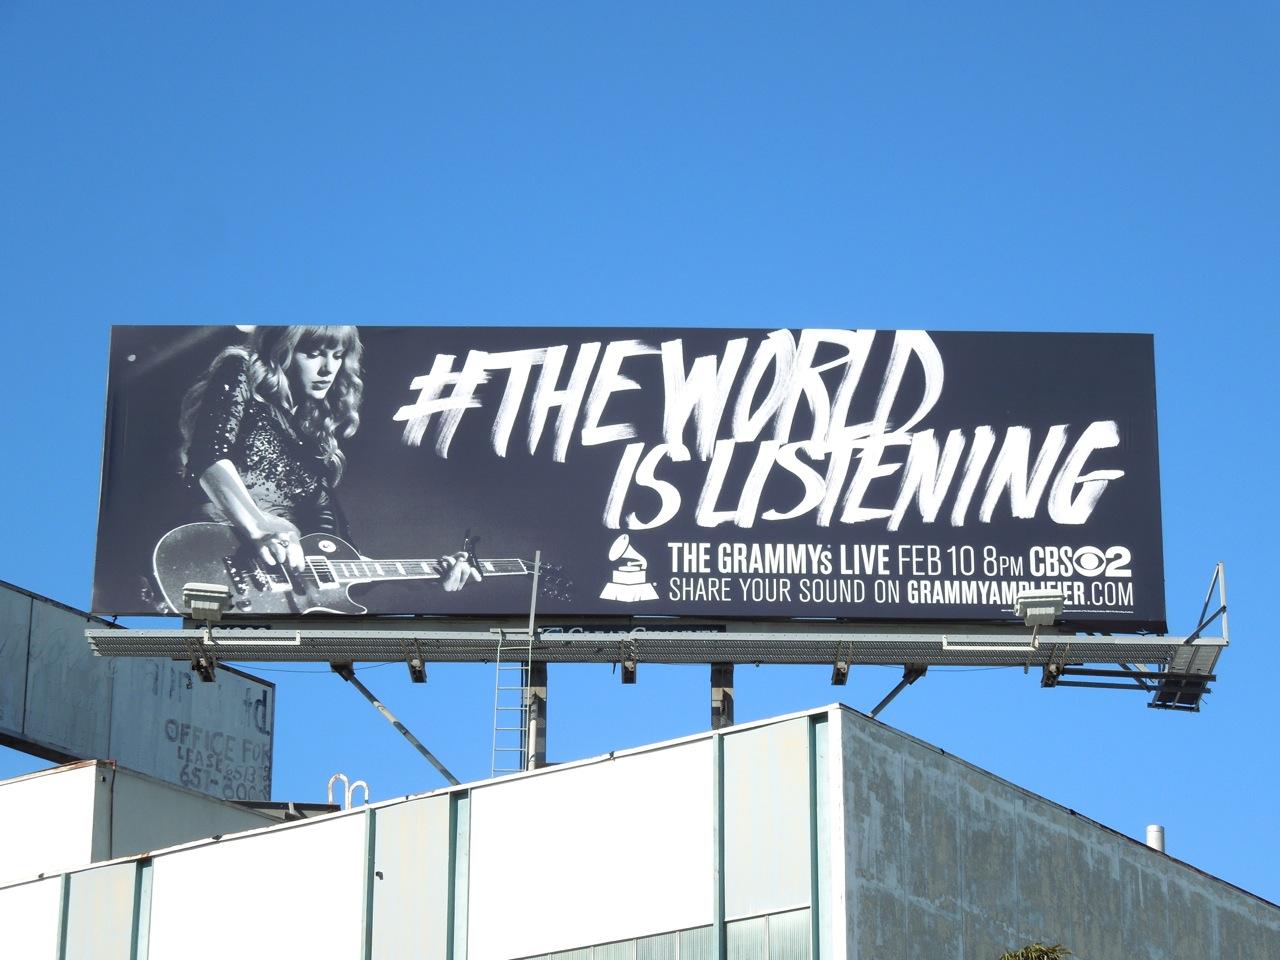 http://3.bp.blogspot.com/-BZ-H2Nc9DE0/UQG7tftKetI/AAAAAAAA_Uk/zXFd2L0BJhE/s1600/taylor+swift+55th+grammys+billboard.jpg